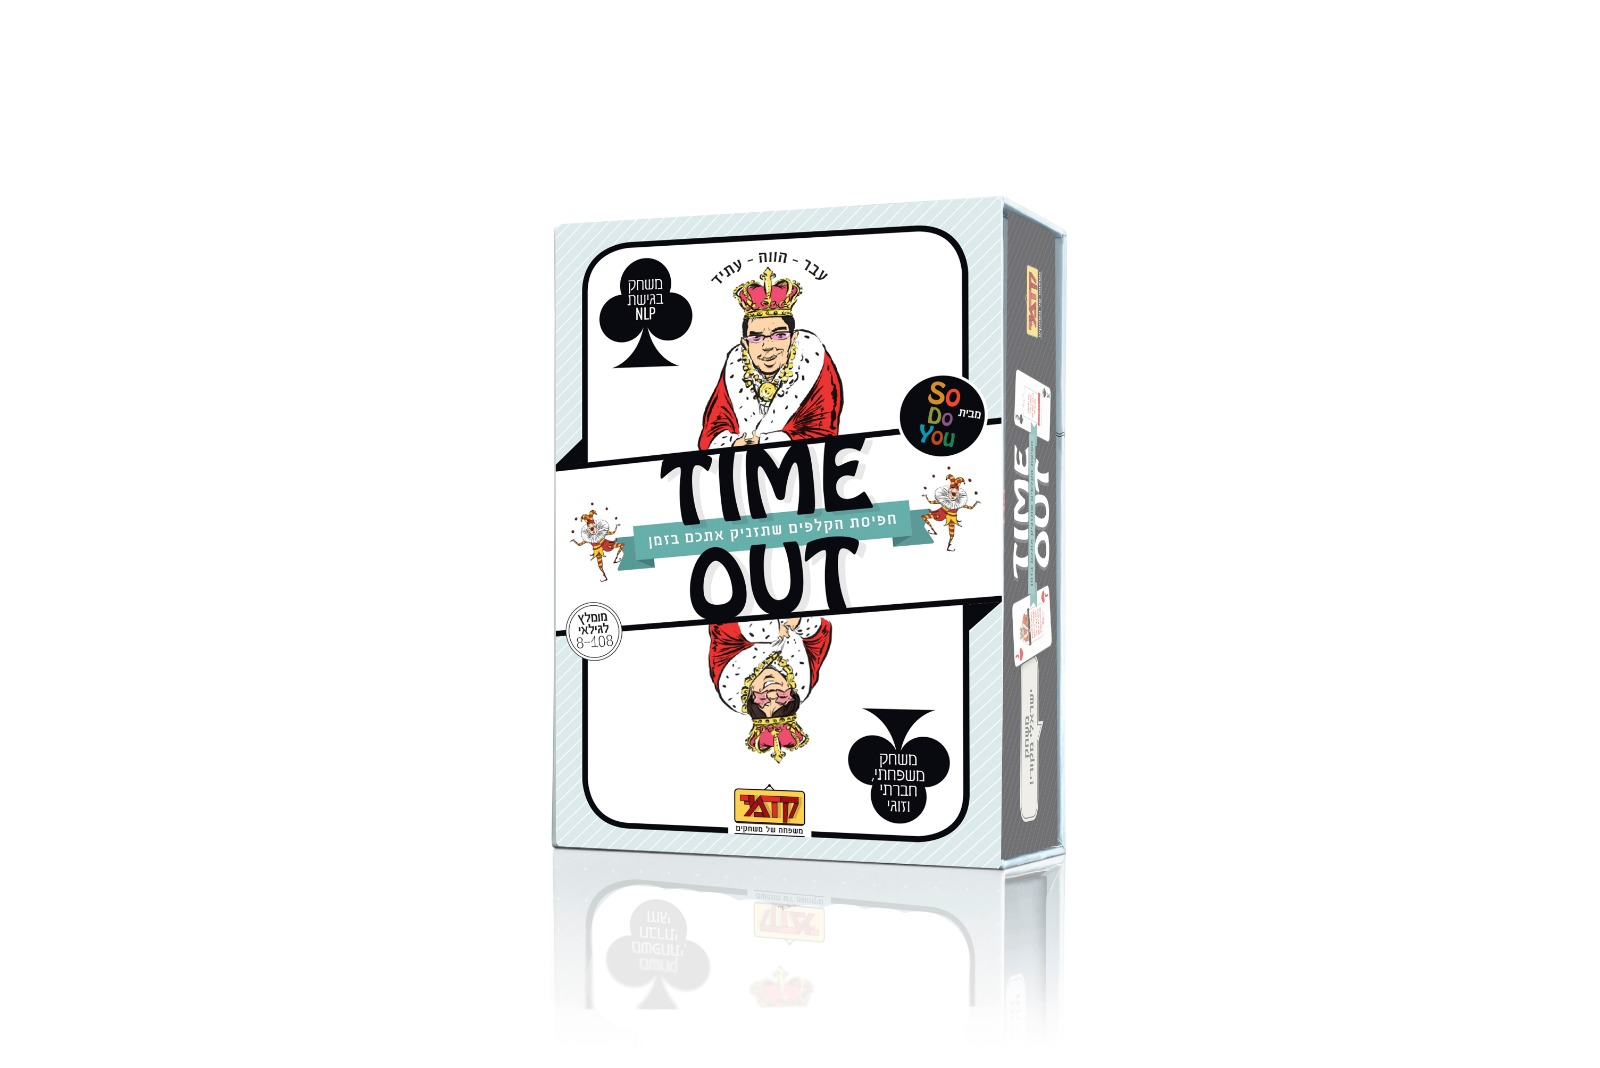 טיים אאוט NLP) Time Out) - משחק משפחתי, חברתי וזוגי